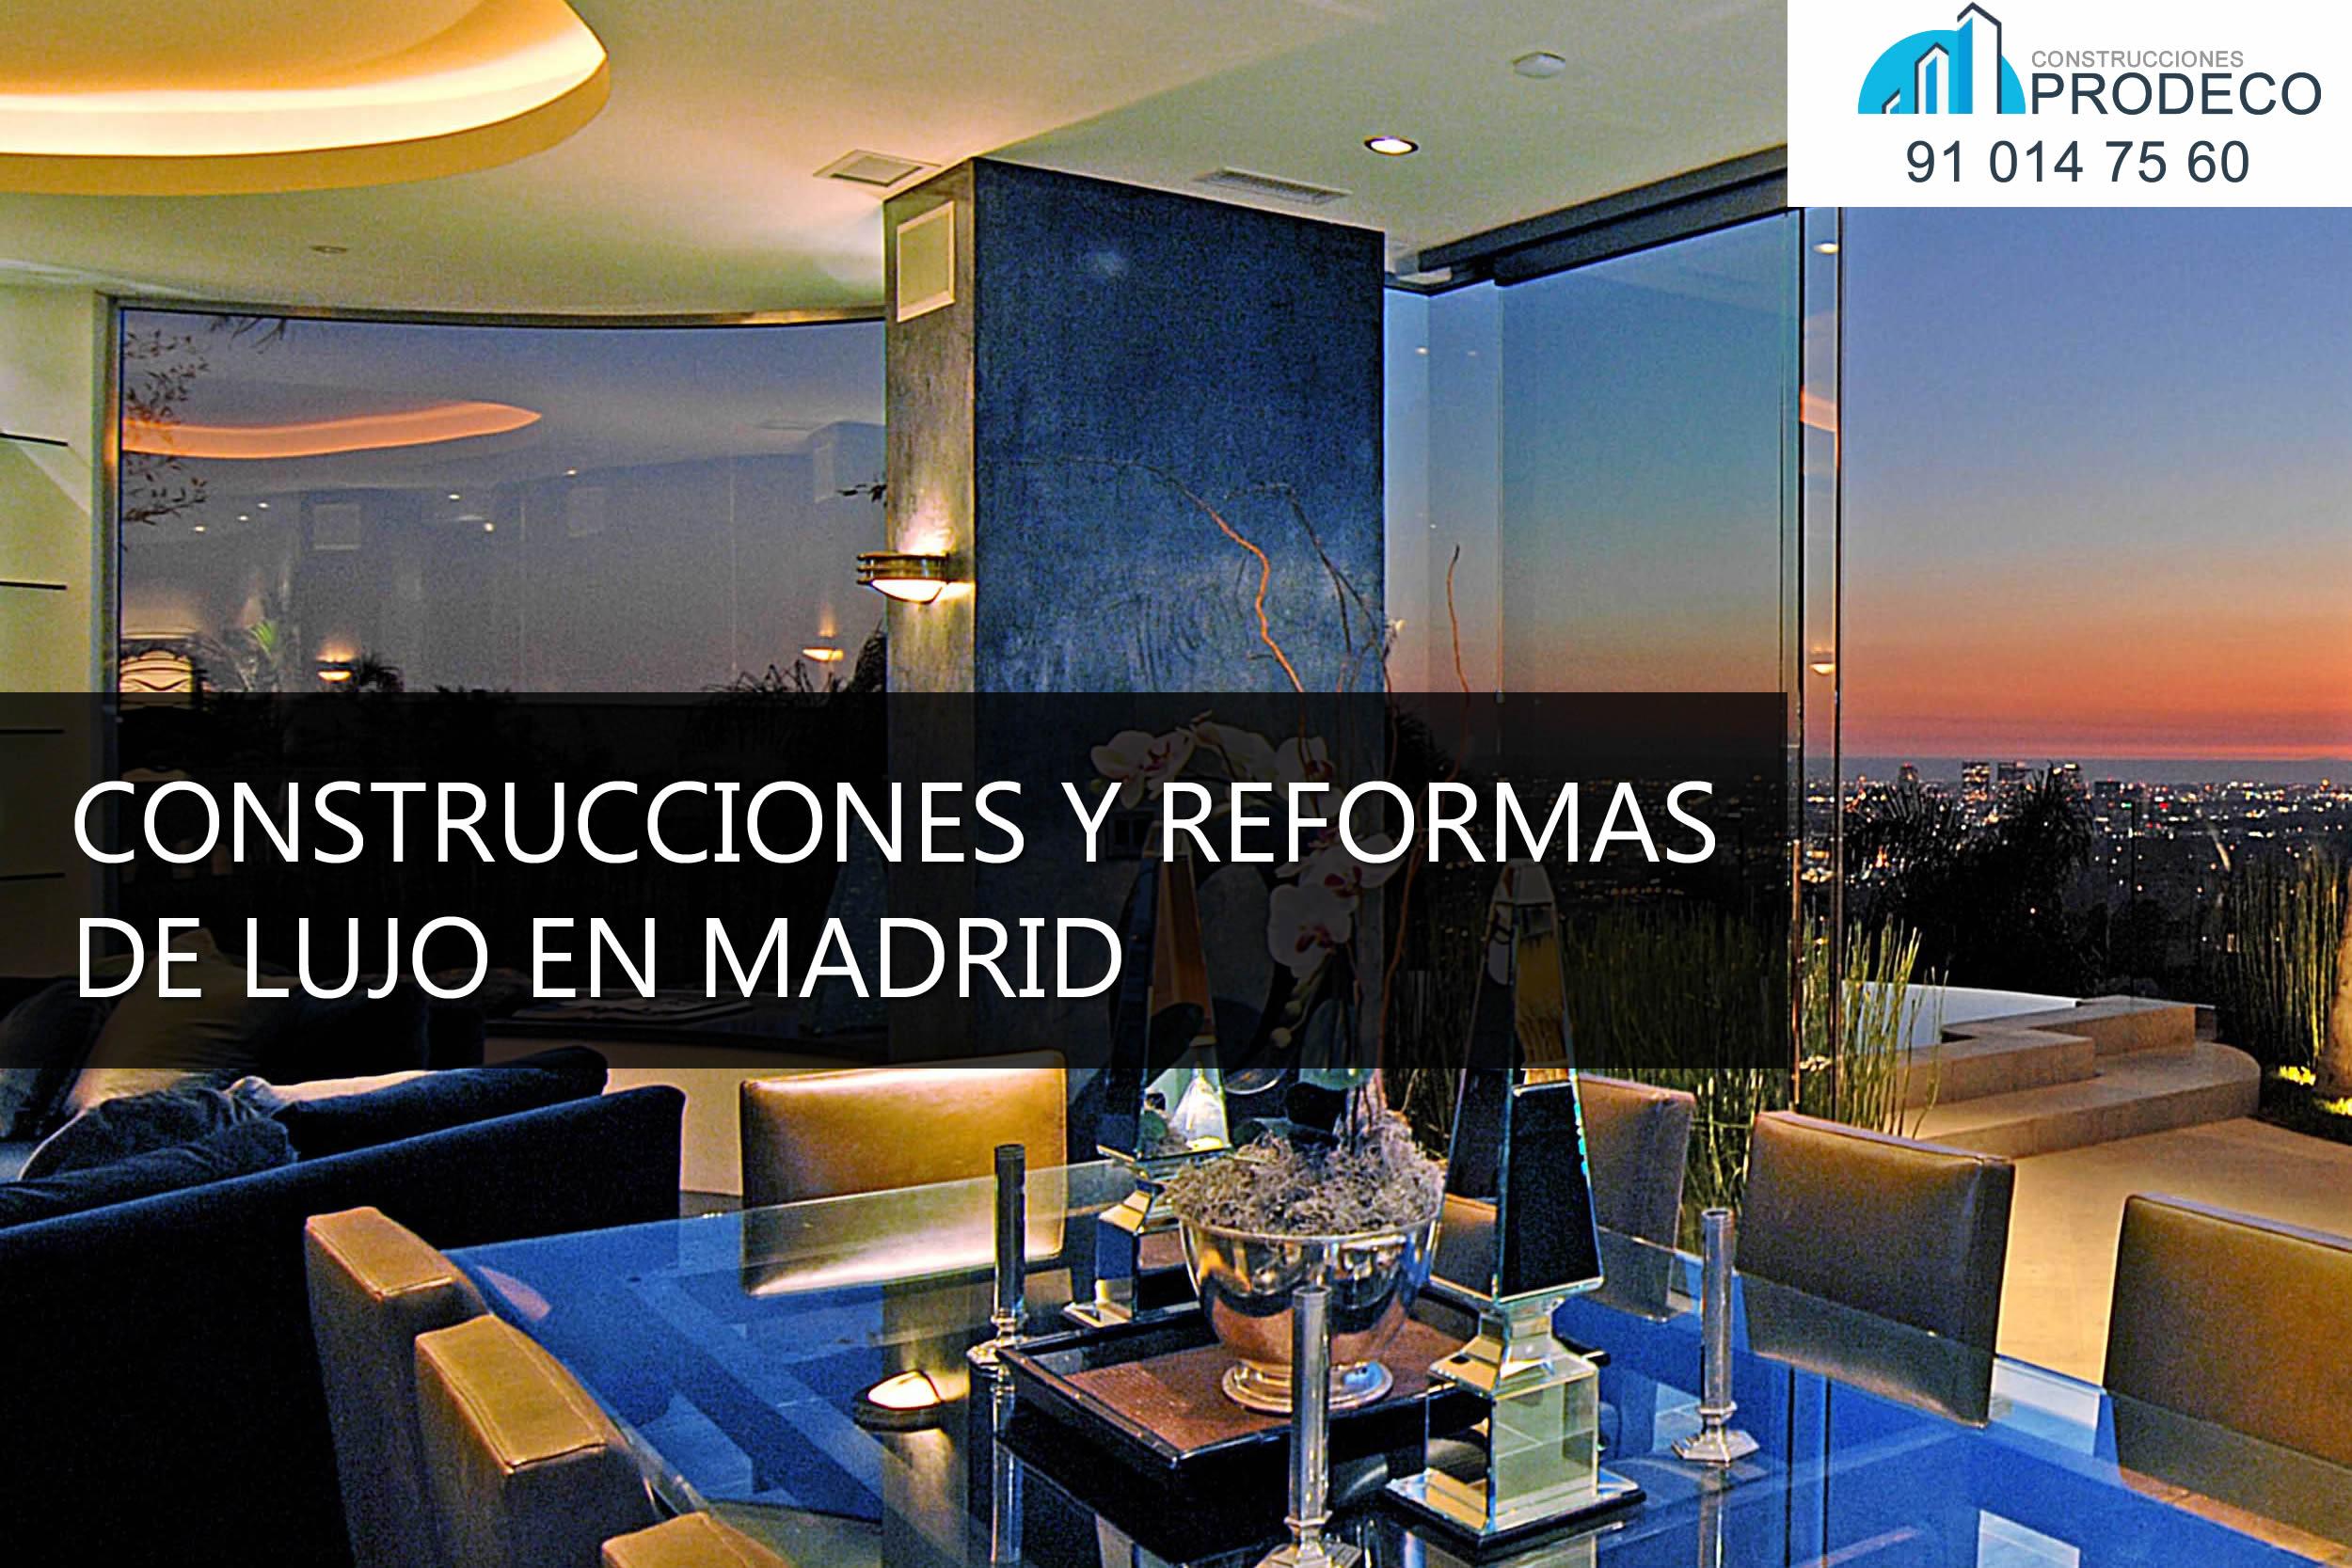 Construcciones y Reformas de Lujo en Madrid